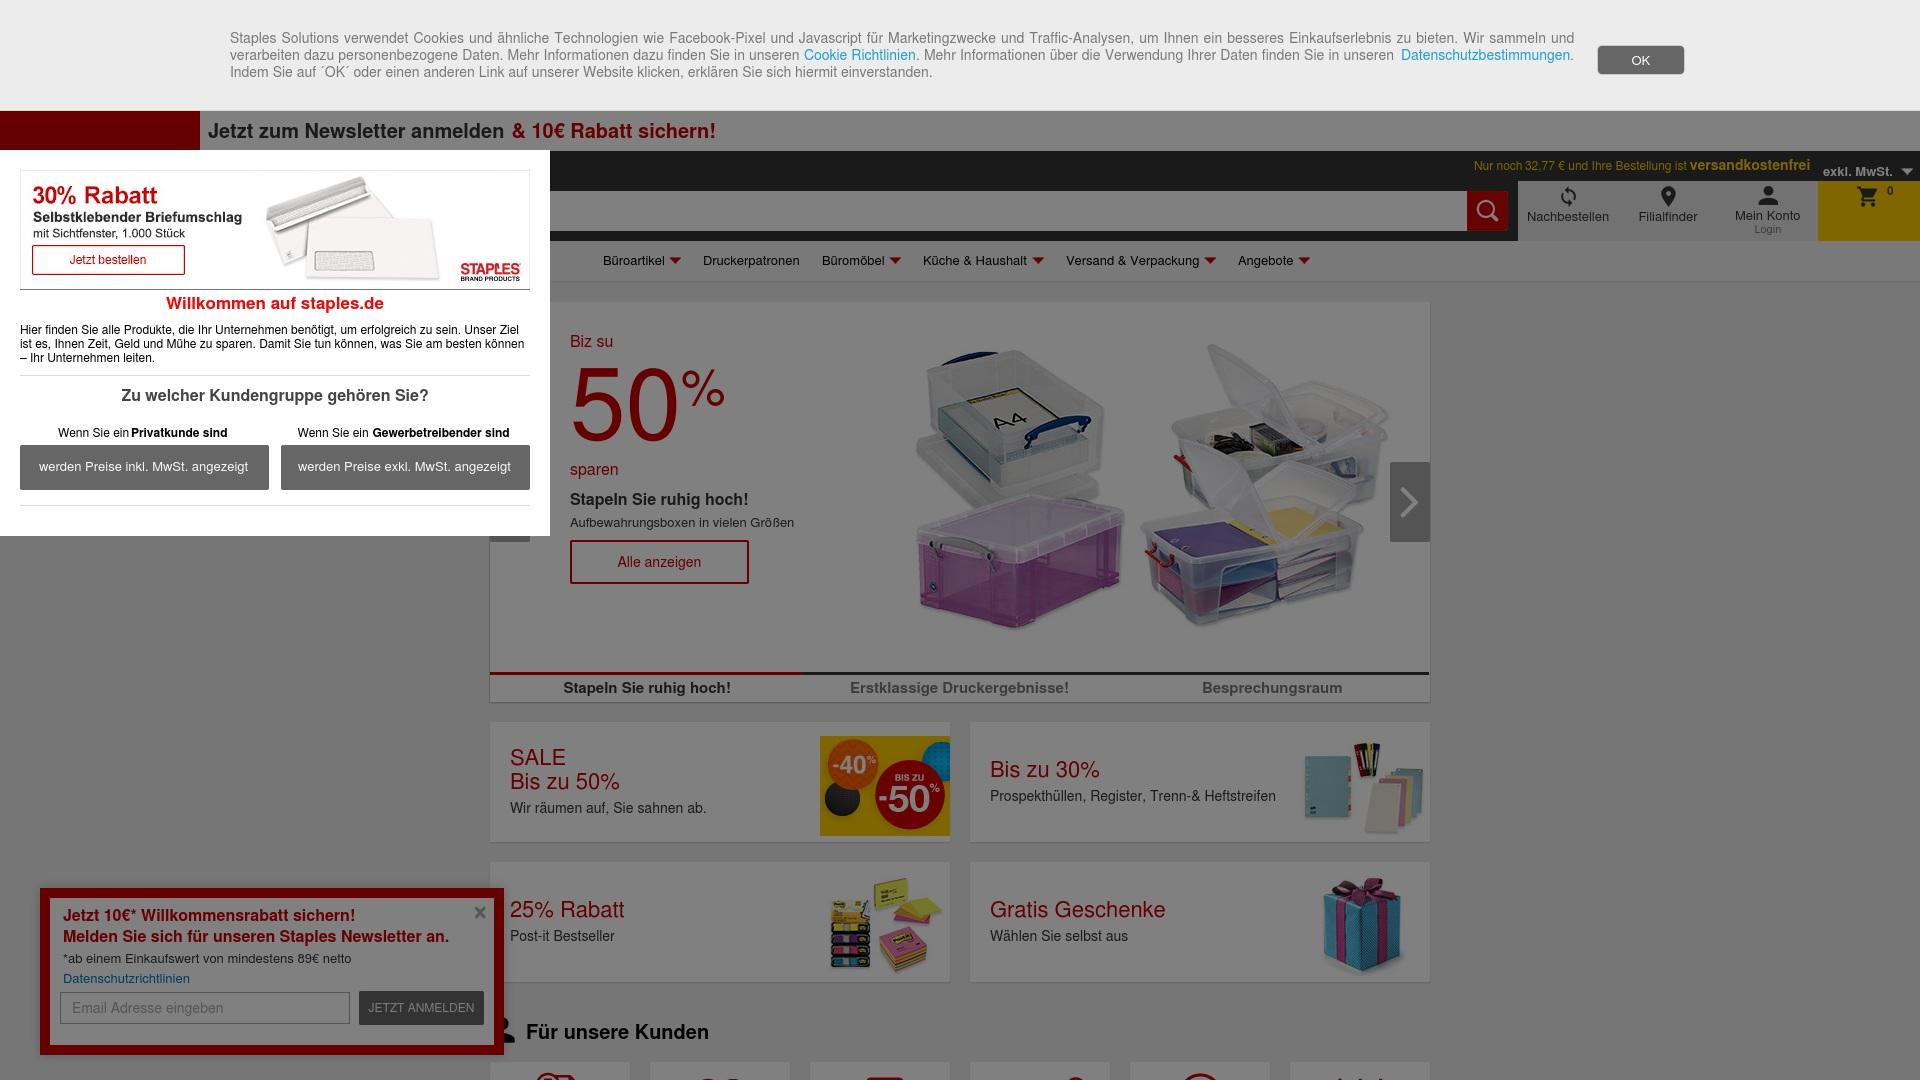 Gutschein für Staples: Rabatte für  Staples sichern